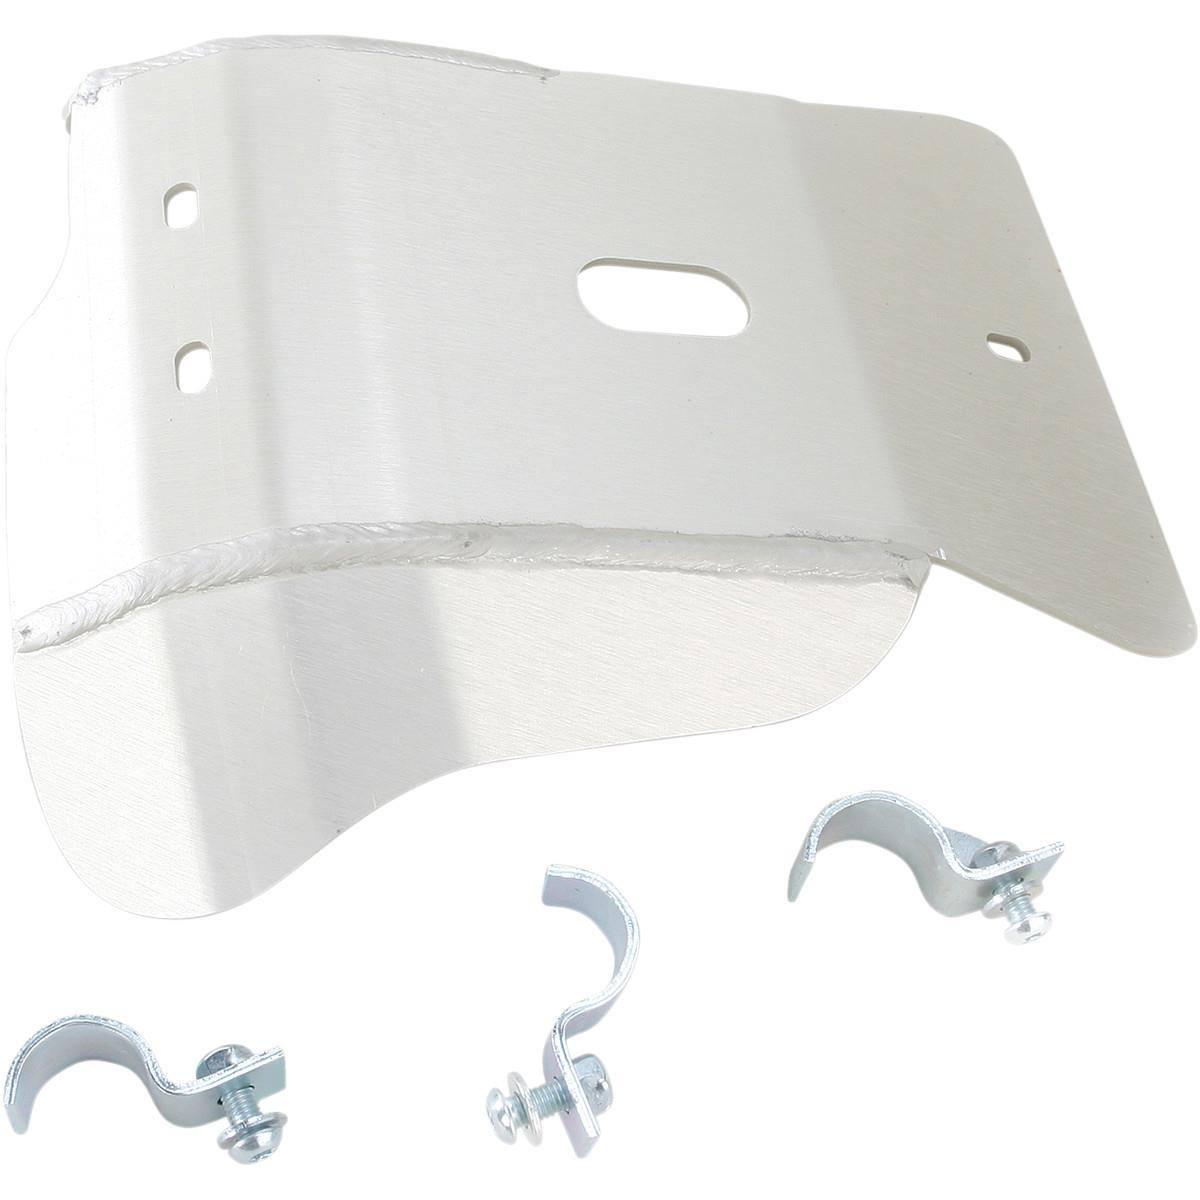 Aluminum Skid Plates